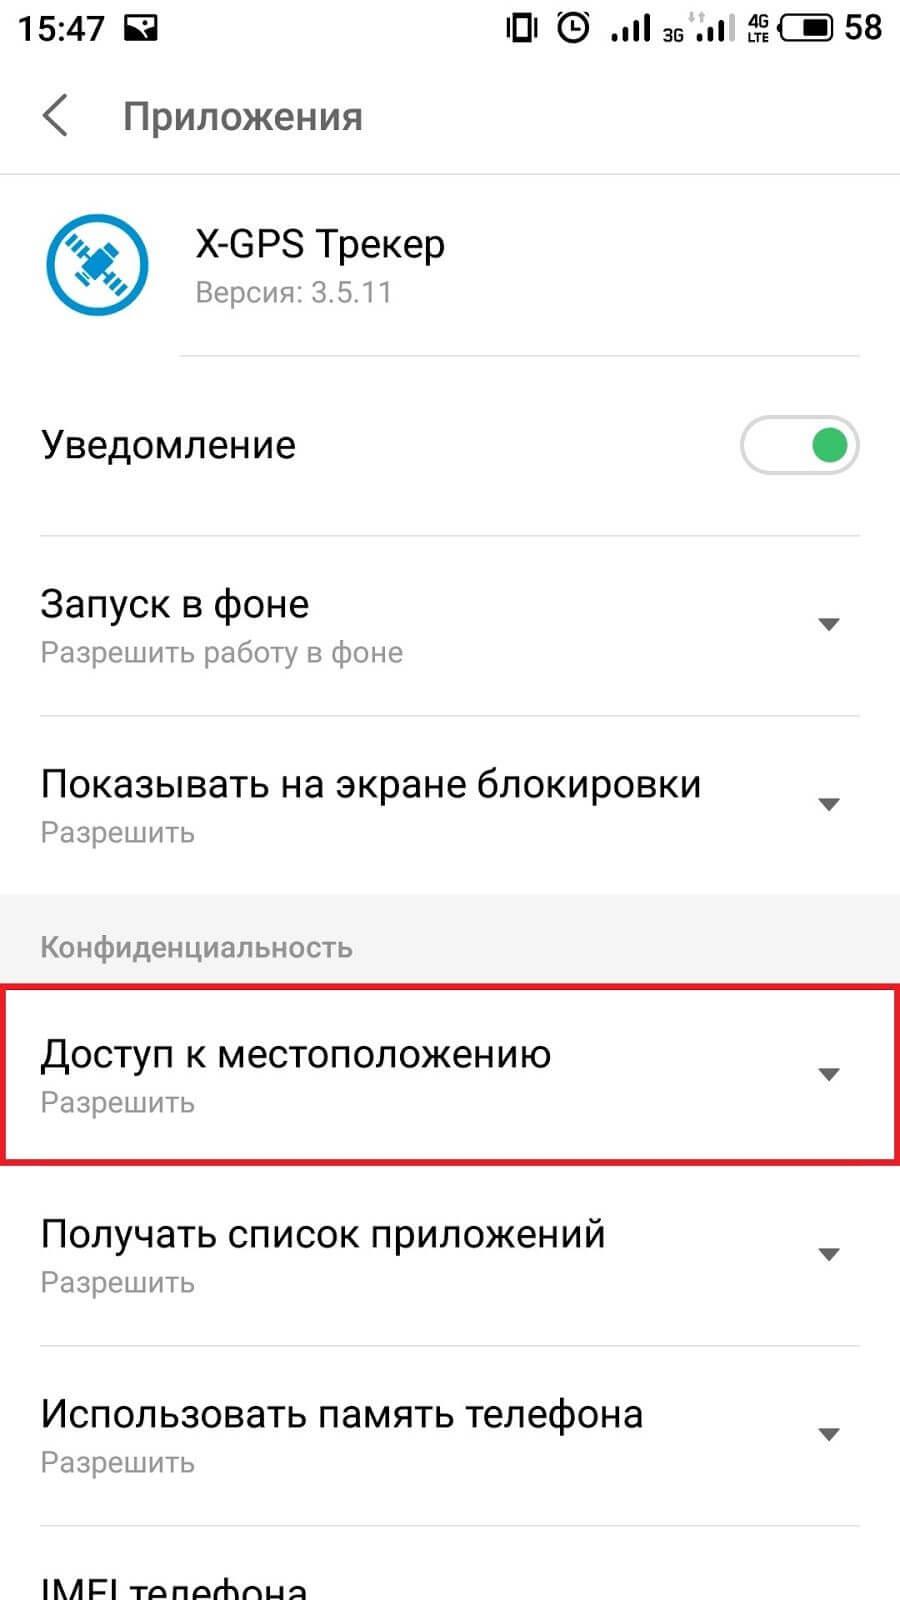 Доступ к местоположению - Доступ к местоположению